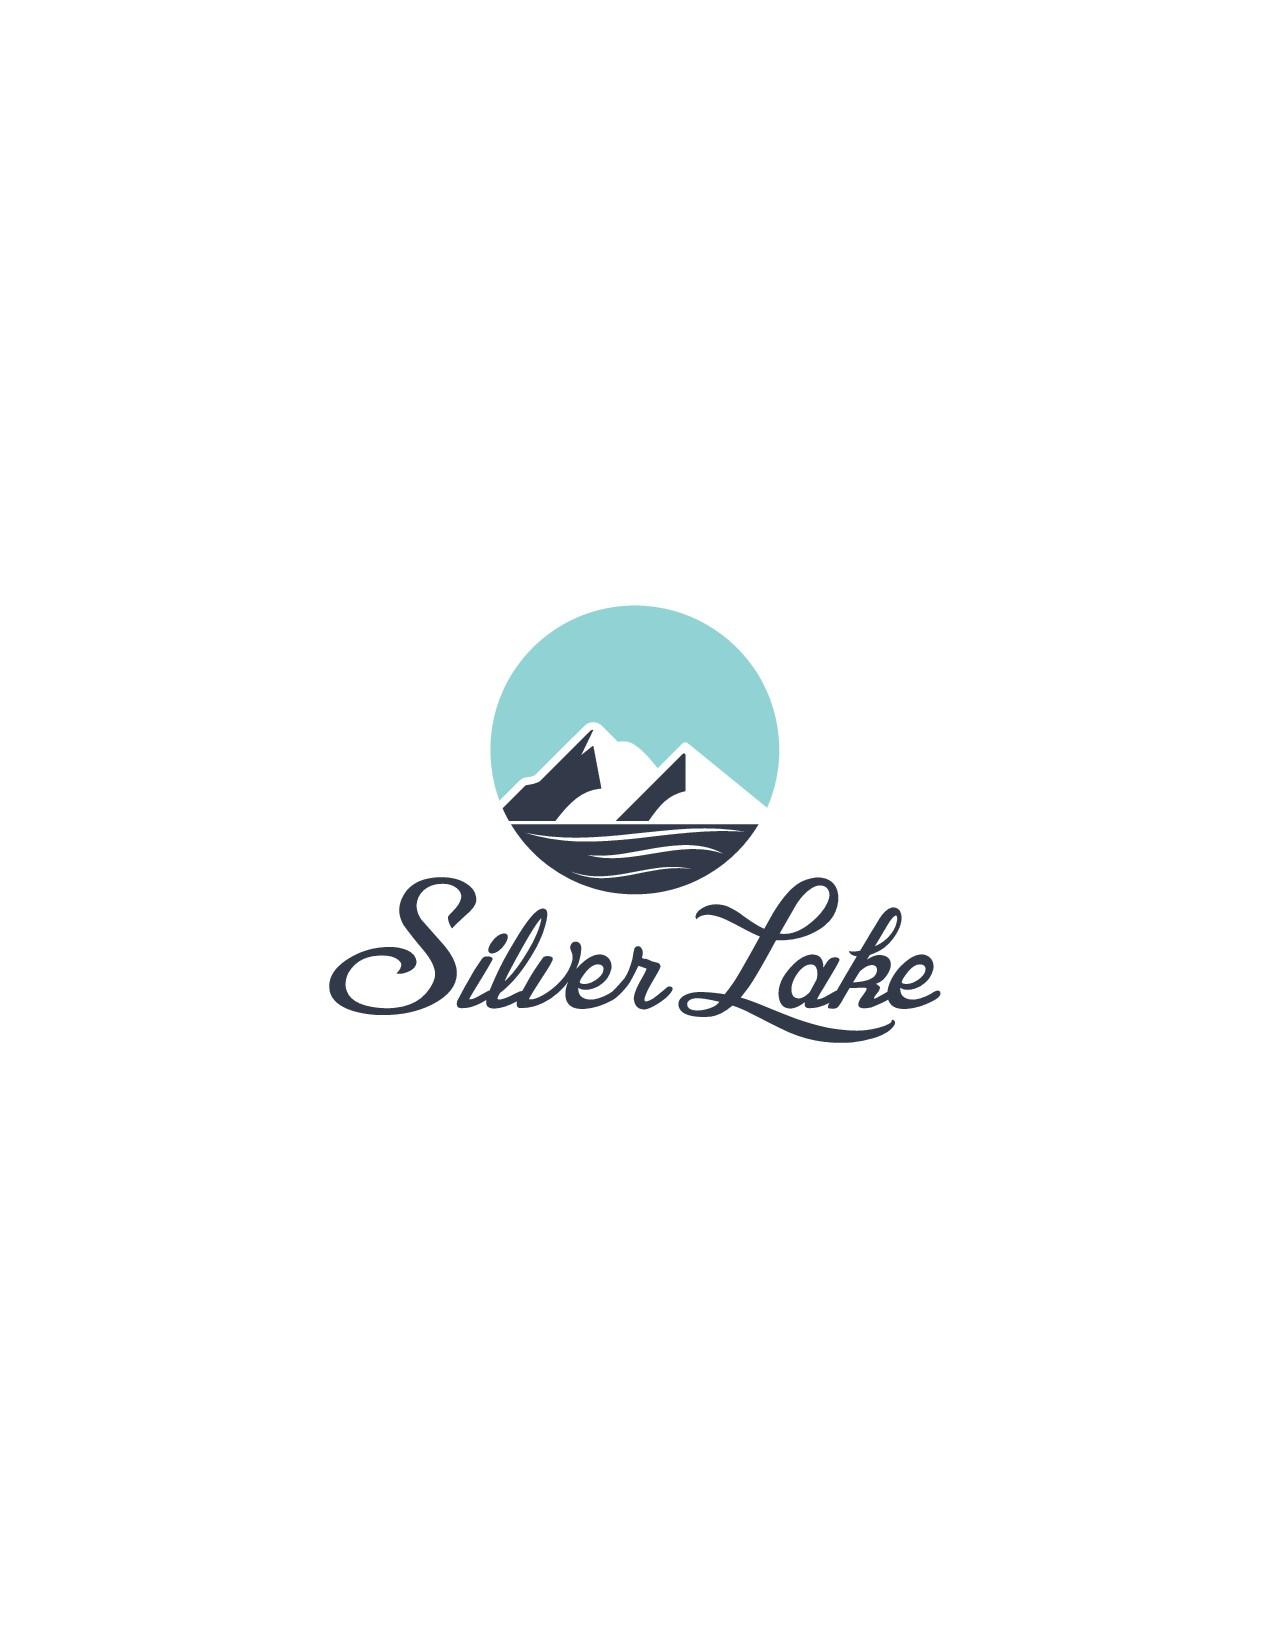 Silver Lake CBD Logo Design Contest